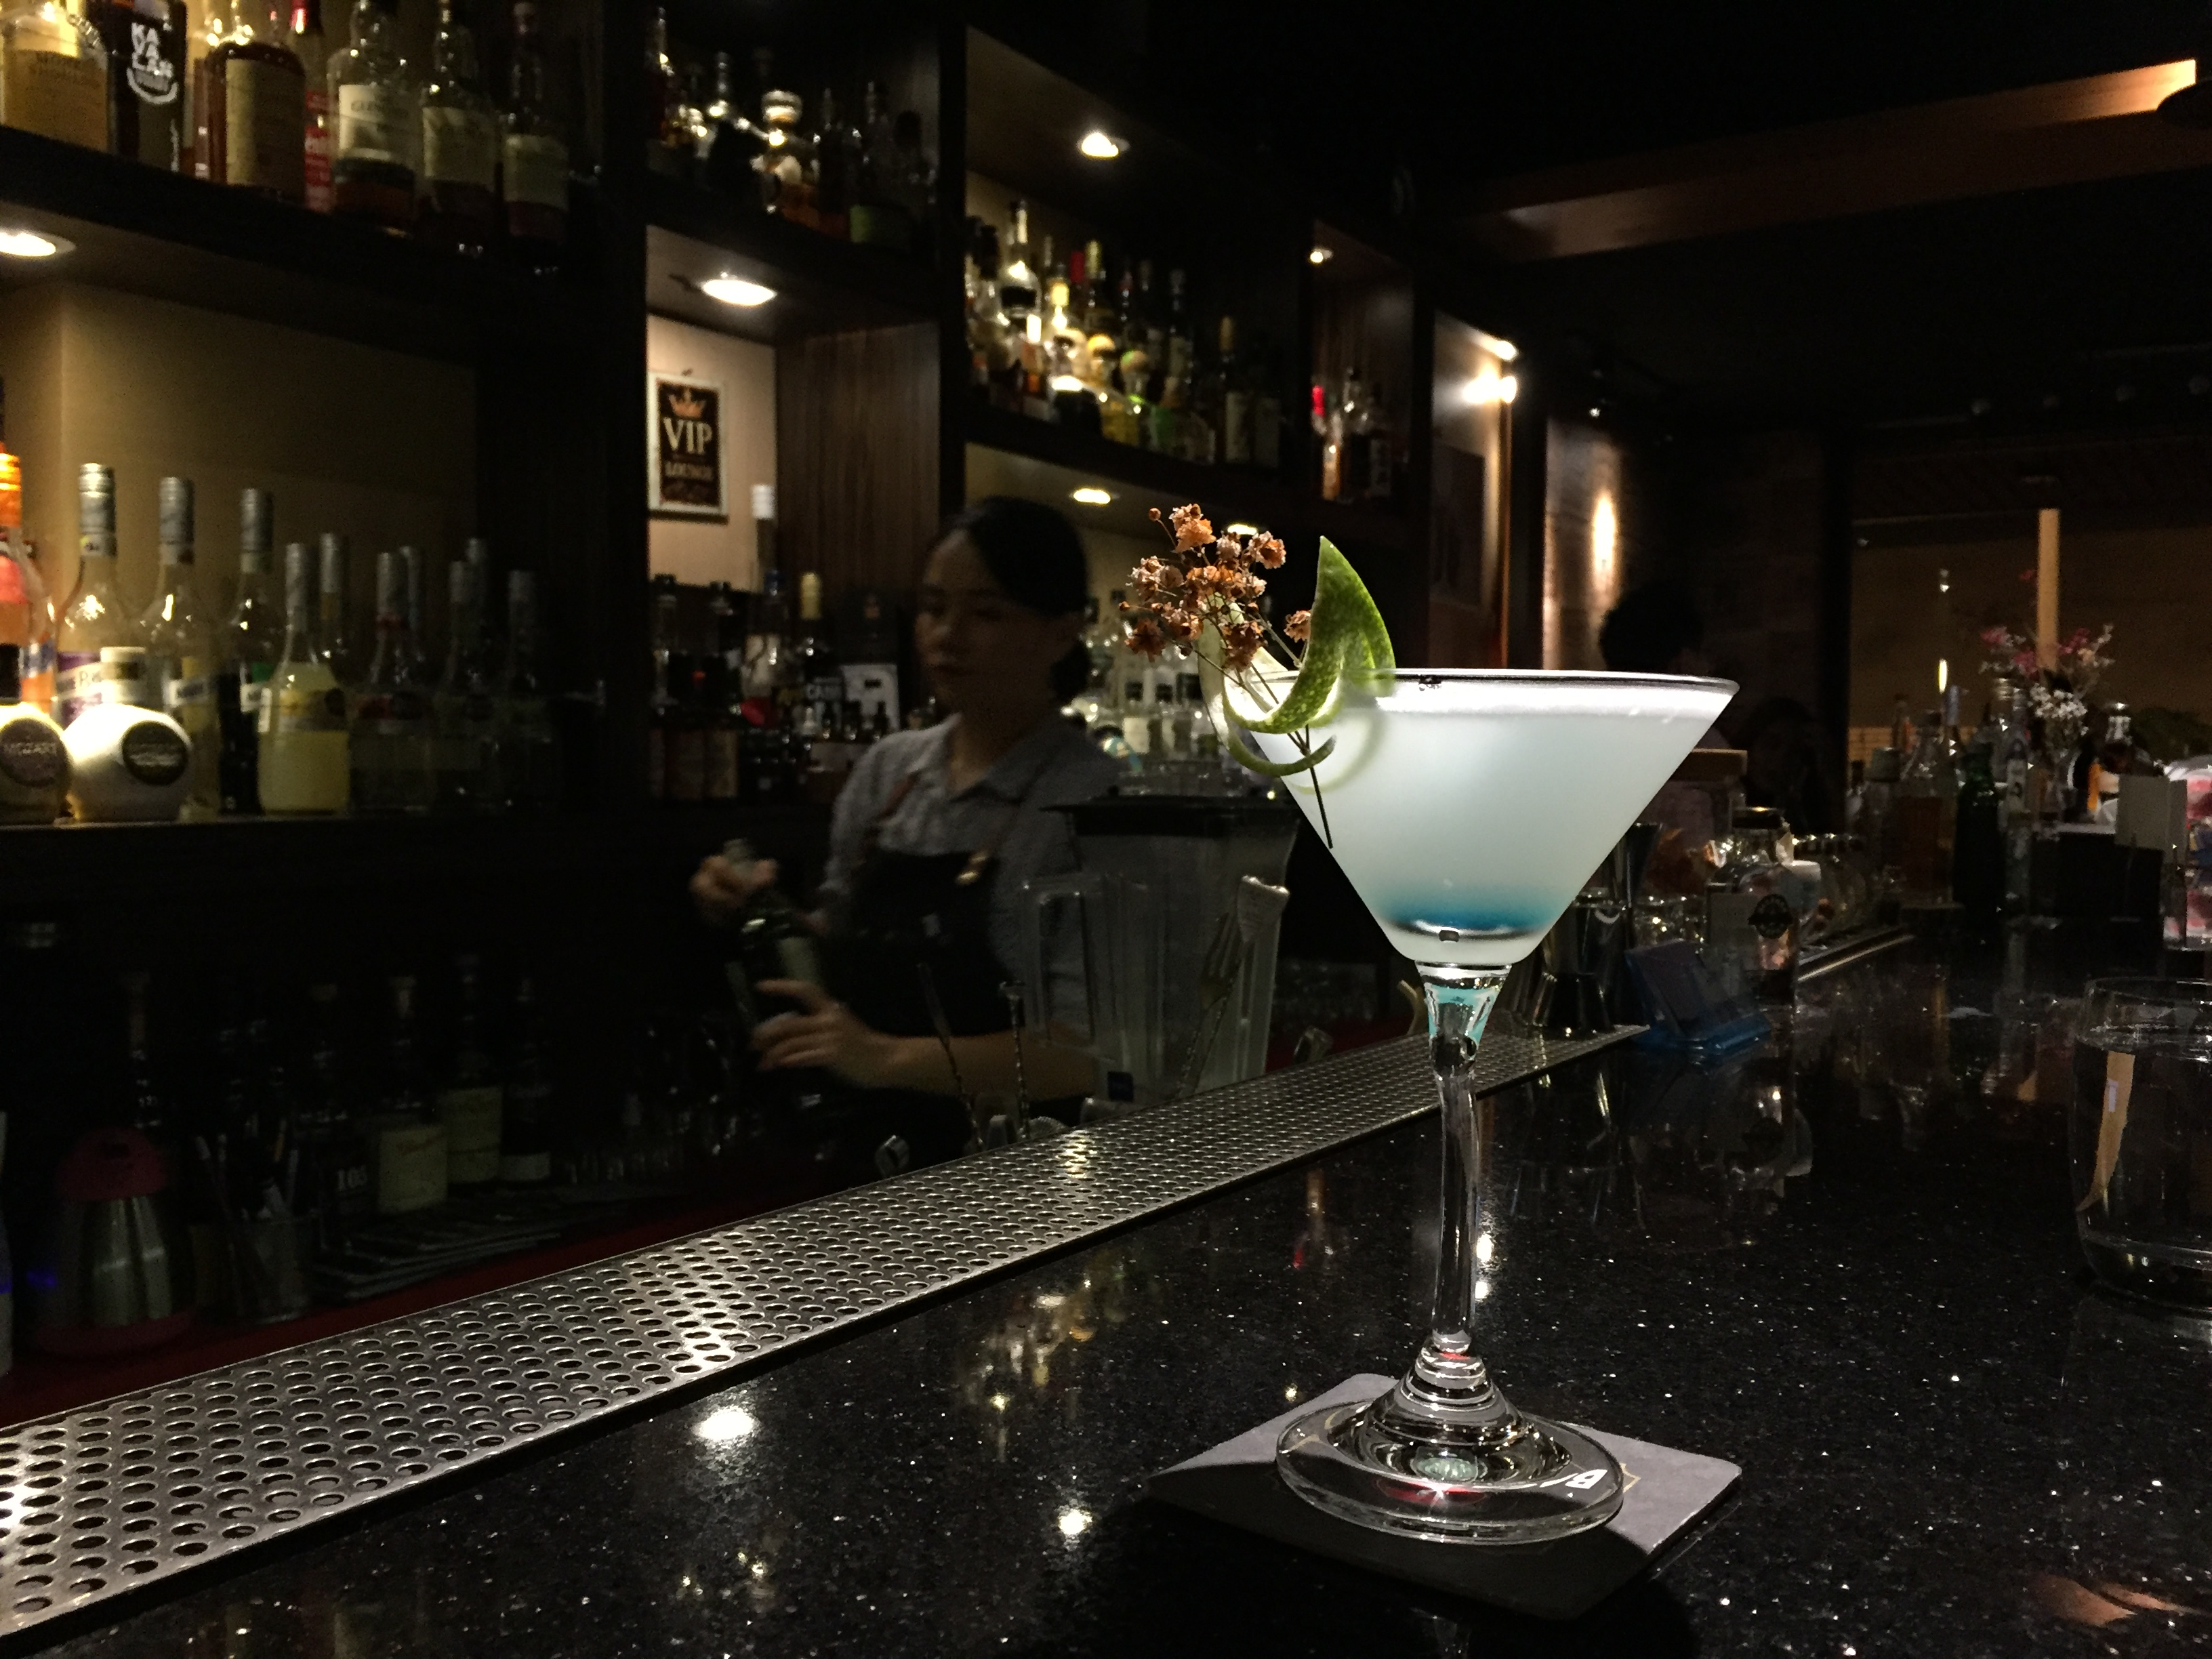 琴詩Bar 的調酒,以琴酒為基底,帶有一點蘋果香和接骨木的香味。